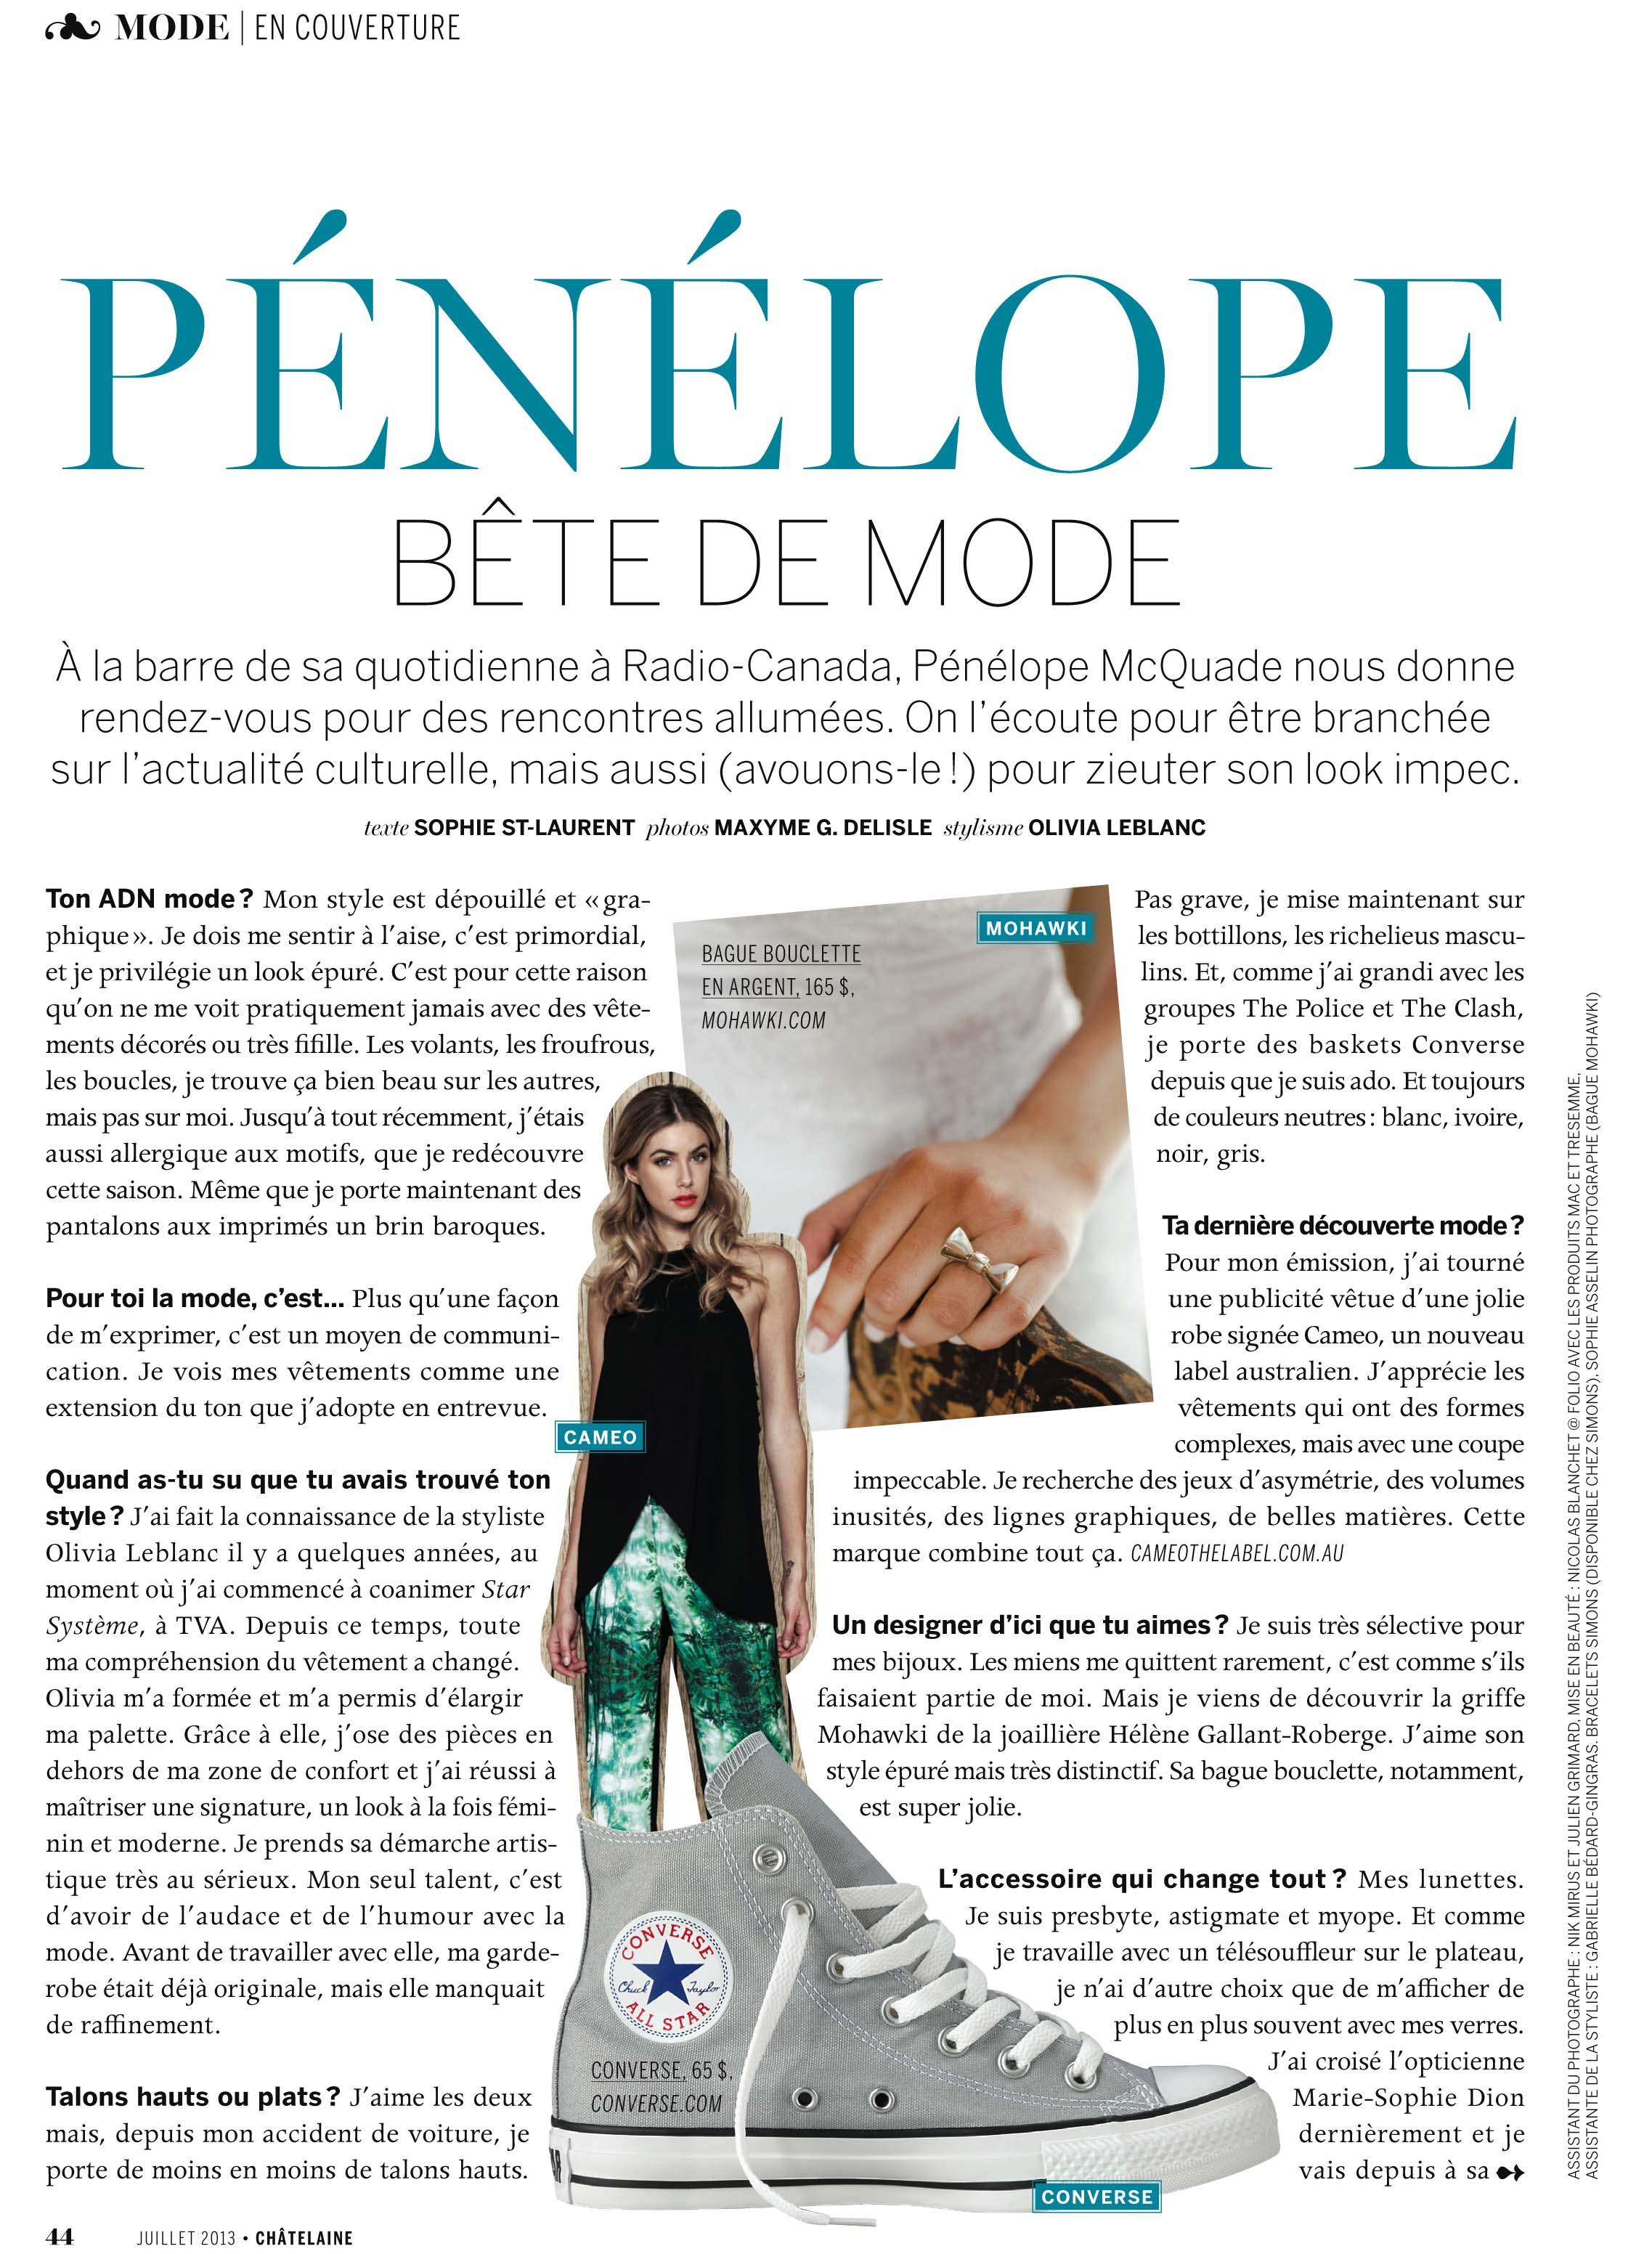 CHF07_044 Mode Penelope-1.jpg